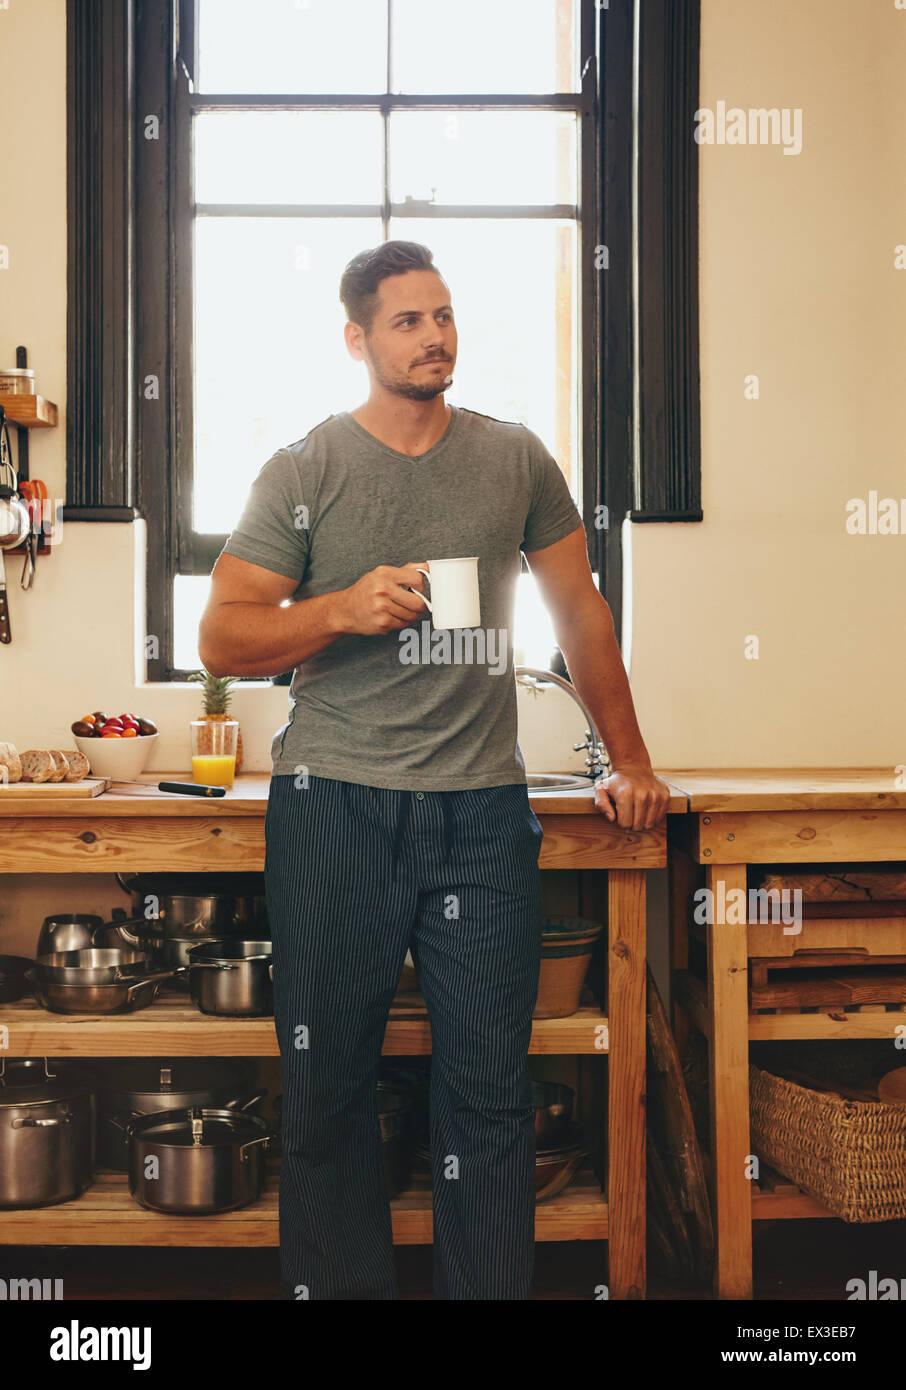 Ritratto di uomo in piedi in cucina tenendo una tazza di caffè guardando lontano nel pensiero. Rilassata giovane Immagini Stock